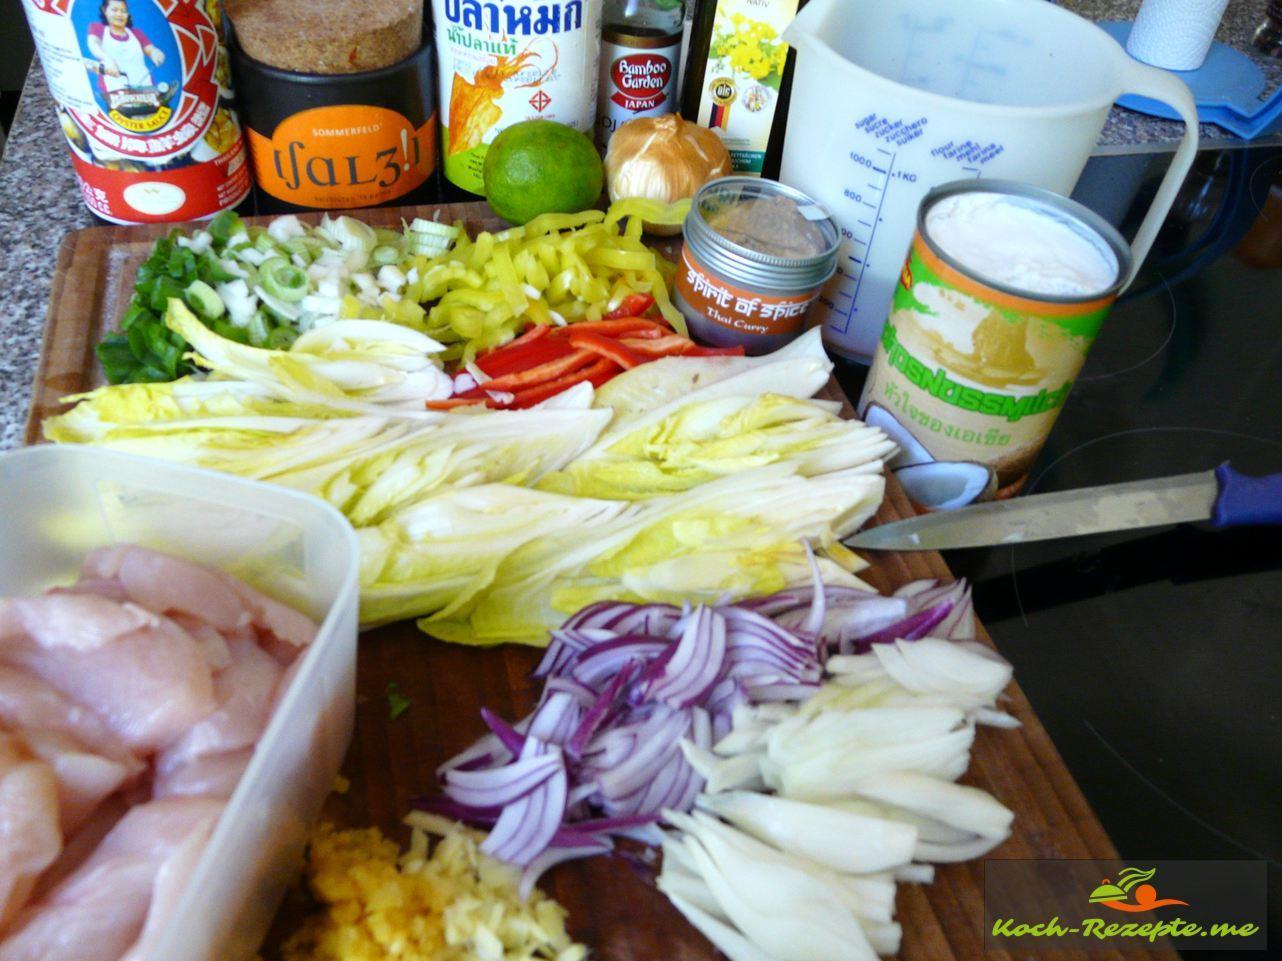 Zutaten für Hähnchen mit Curry: Kokosmilch, Hühnerbrühe, Frühlingszwiebeln, Sesamöl SesamKnoblauch, Paprika, Thai Curry Pulver, Fenchel, mehr